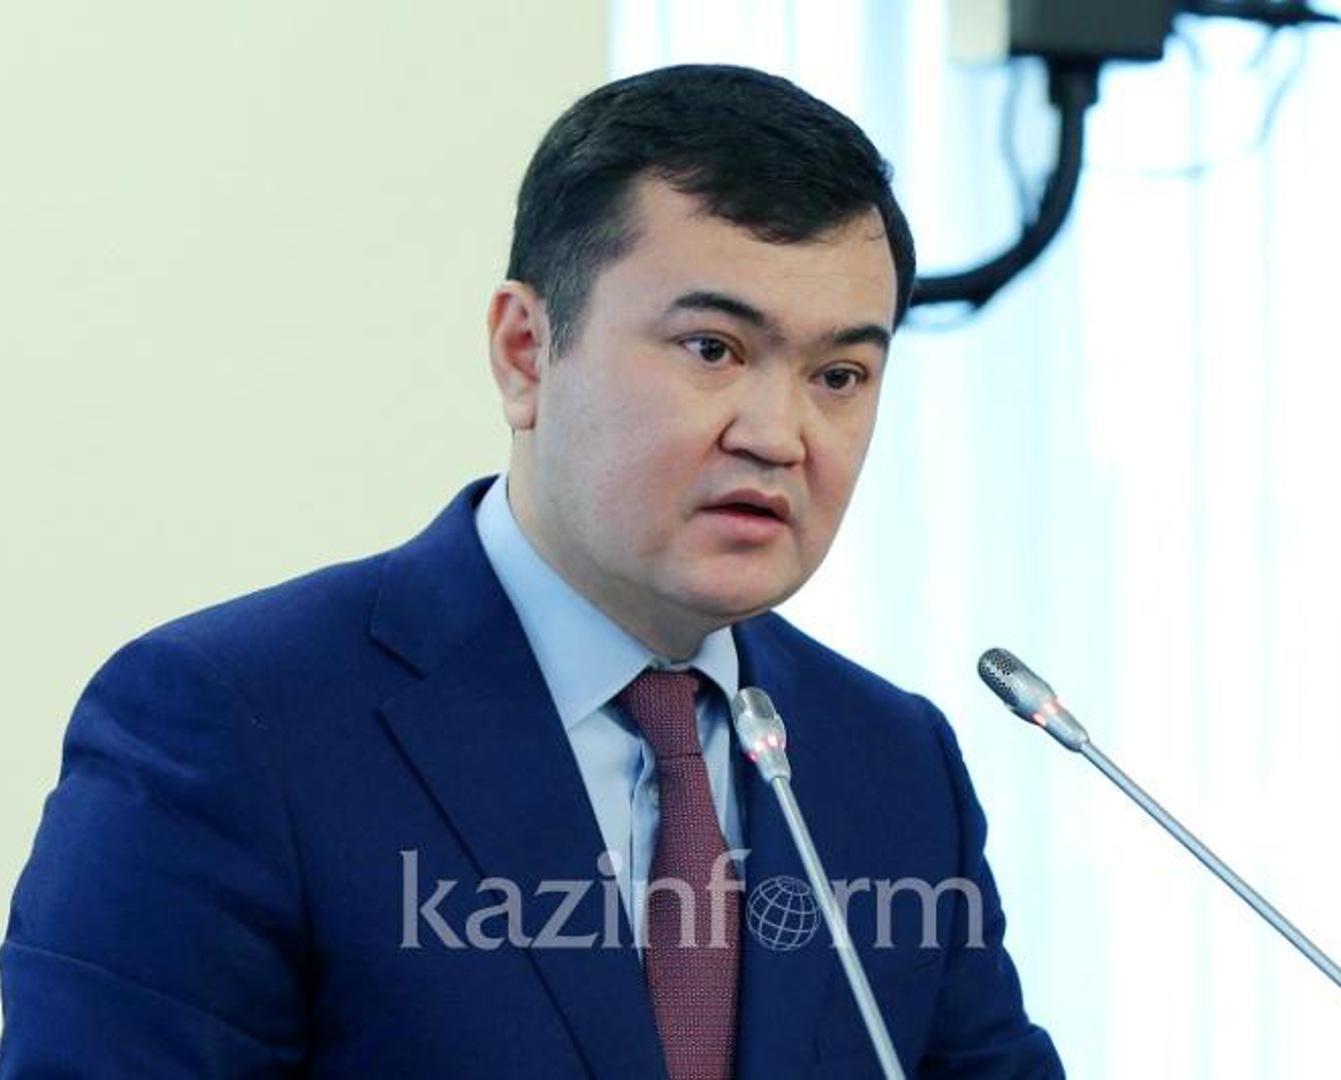 Казахстанская продукция экспортируется в 110 стран - Женис Касымбек